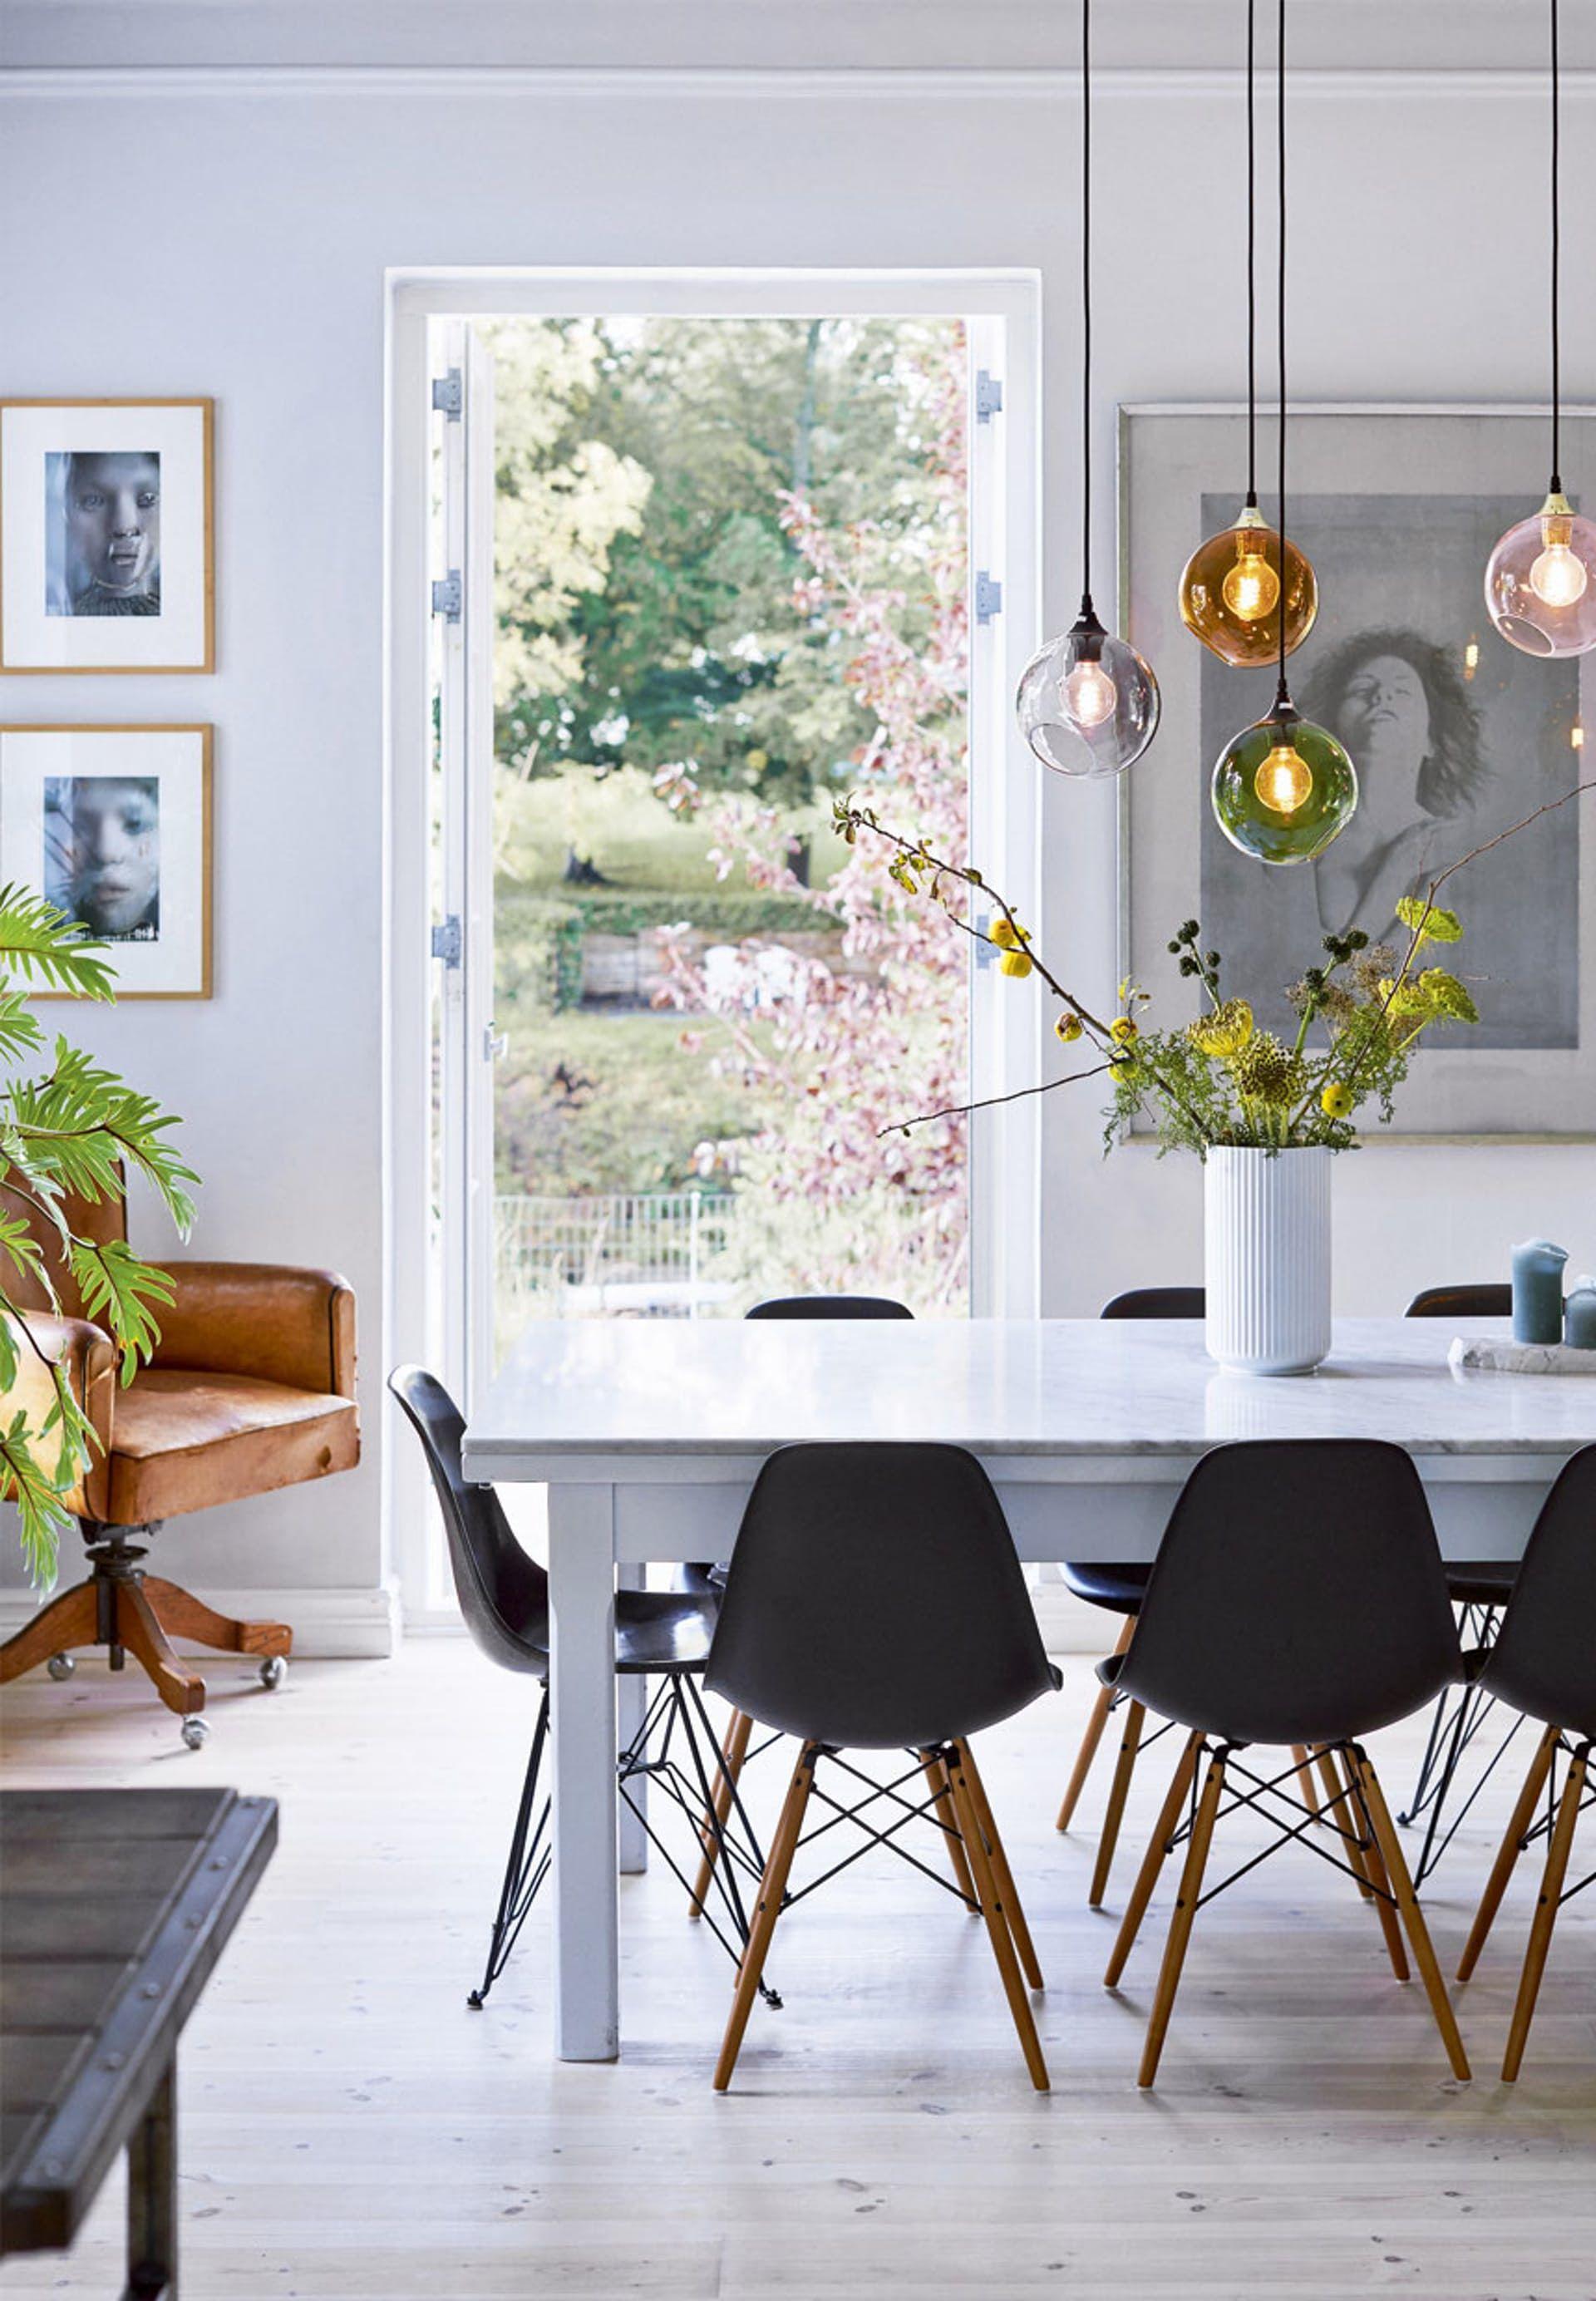 Binnenkijken in een Deens interieur met veel kunst | Leuchten ...